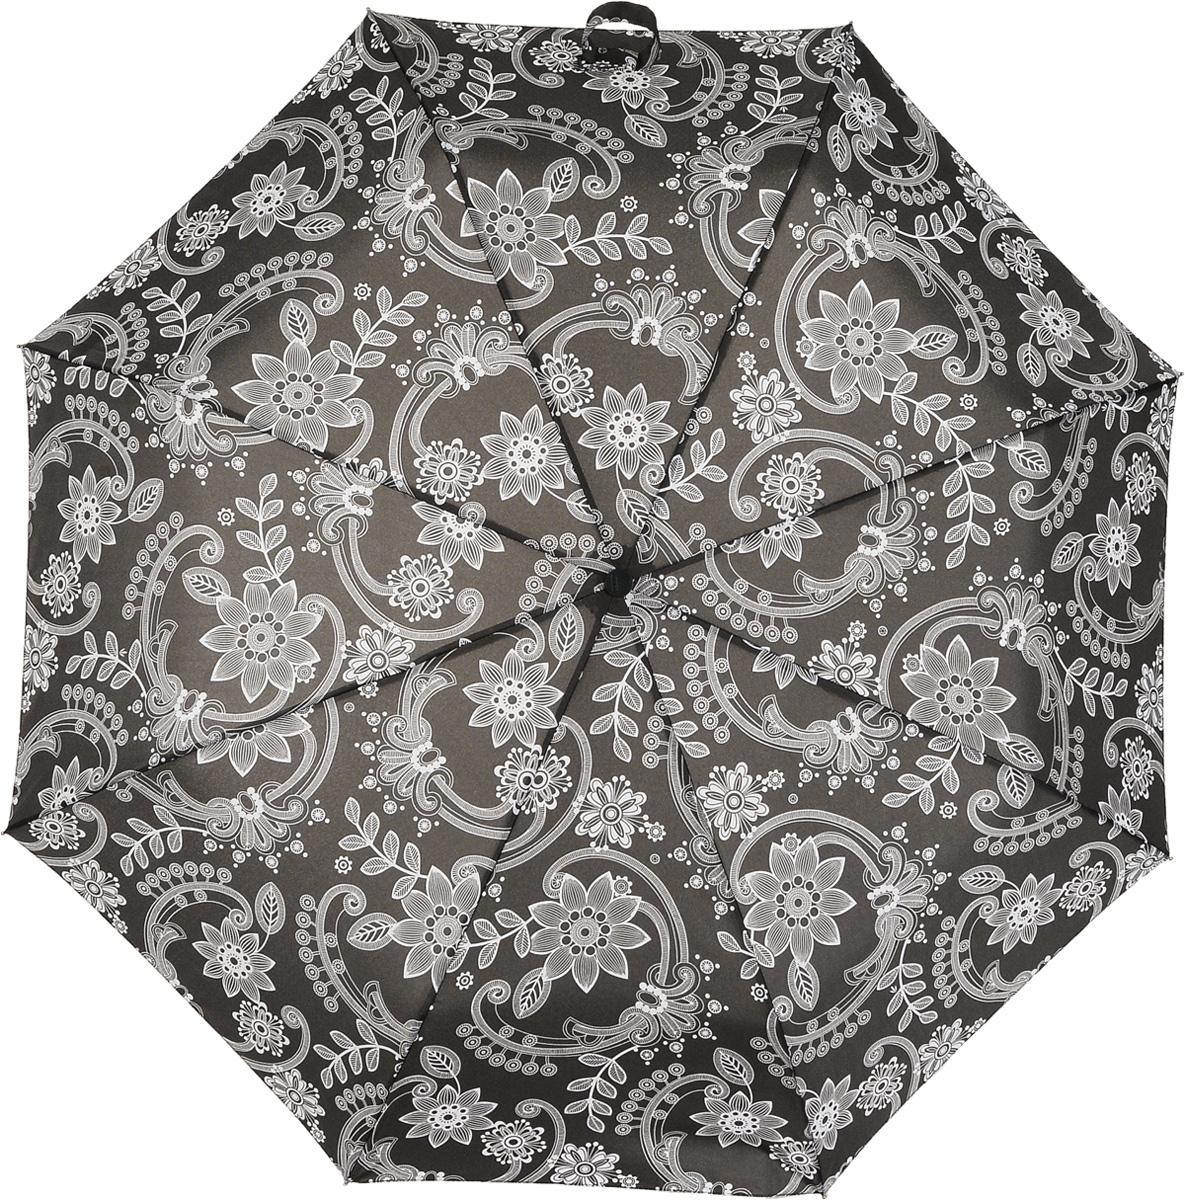 Зонт женский автомат Fulton, расцветка: кружево. J346-3048 SoftLaceJ346-3048 SoftLaceПолный автомат каркас в 3 сложения 8 алюминиевых спиц с элементами из фибергласса длина спиц - 53 см материал купола - полиэстер длина сложенного зонта - 27 см размер 99 см